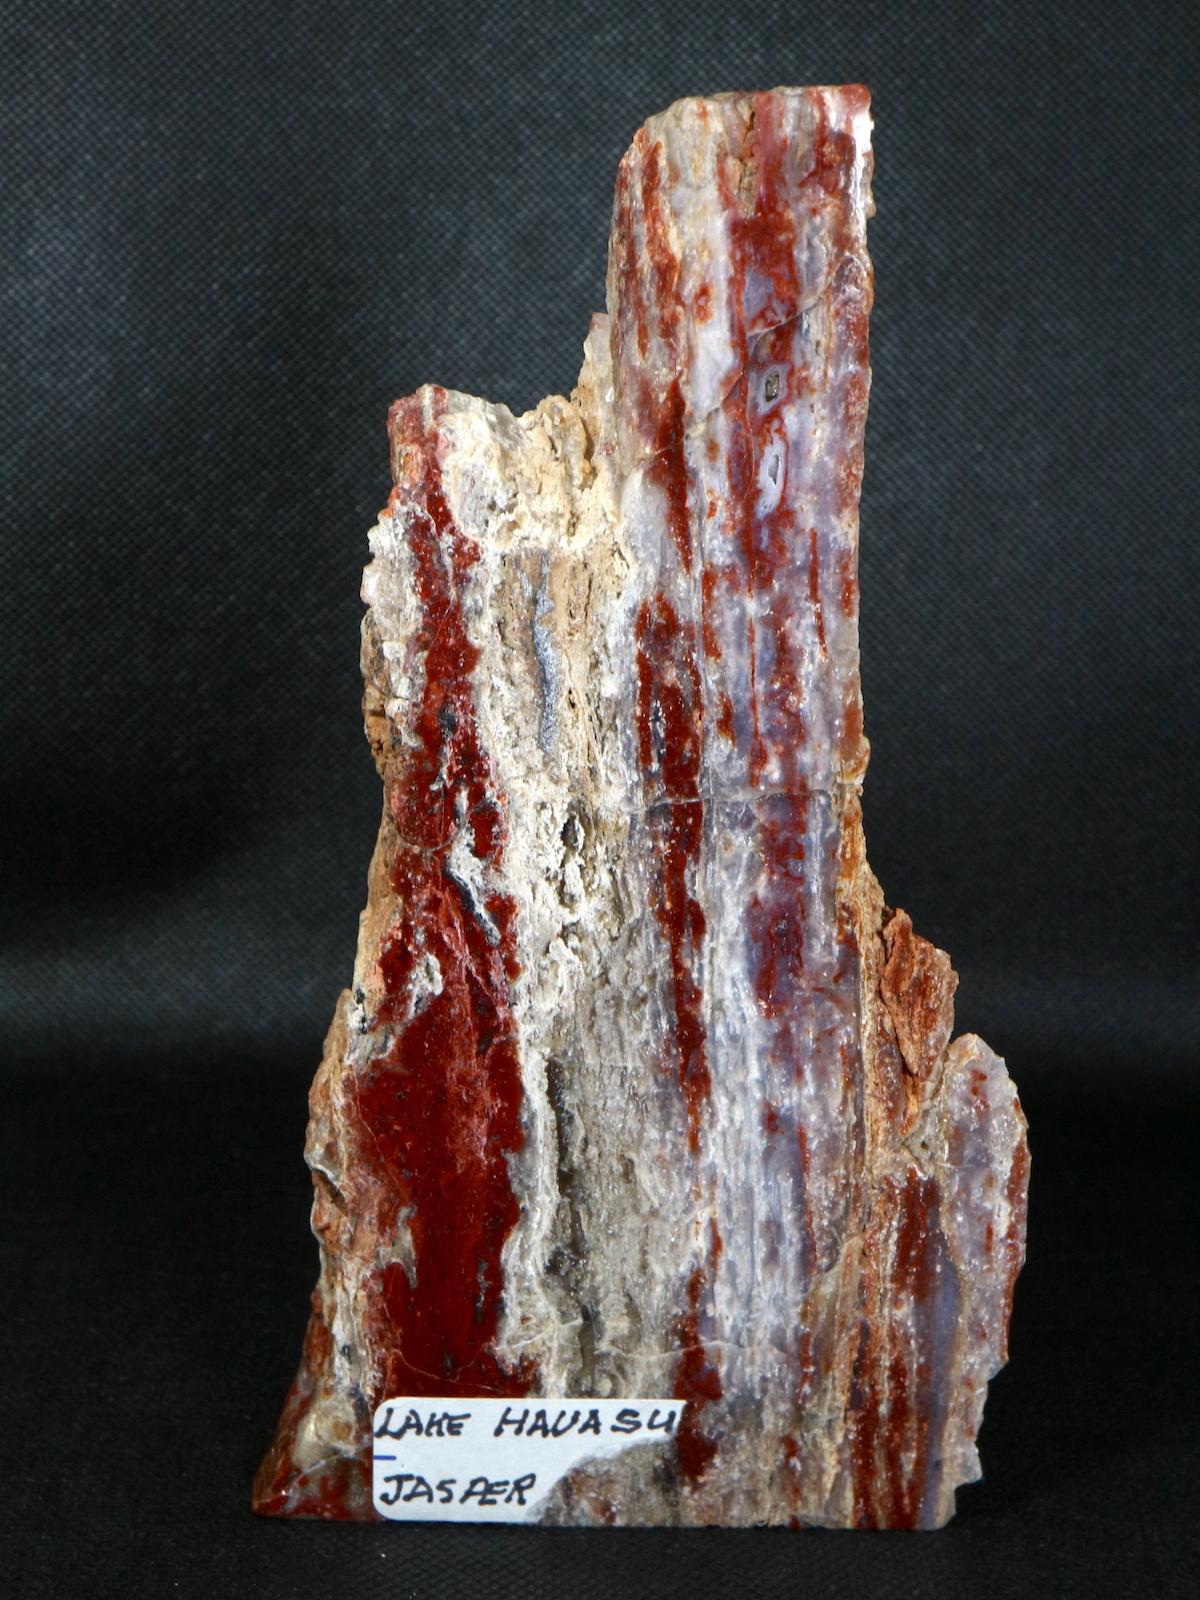 レイクハバスジャスパー アリゾナ州産  468,8g LHJ002 鉱物 天然石 原石 パワーストーン